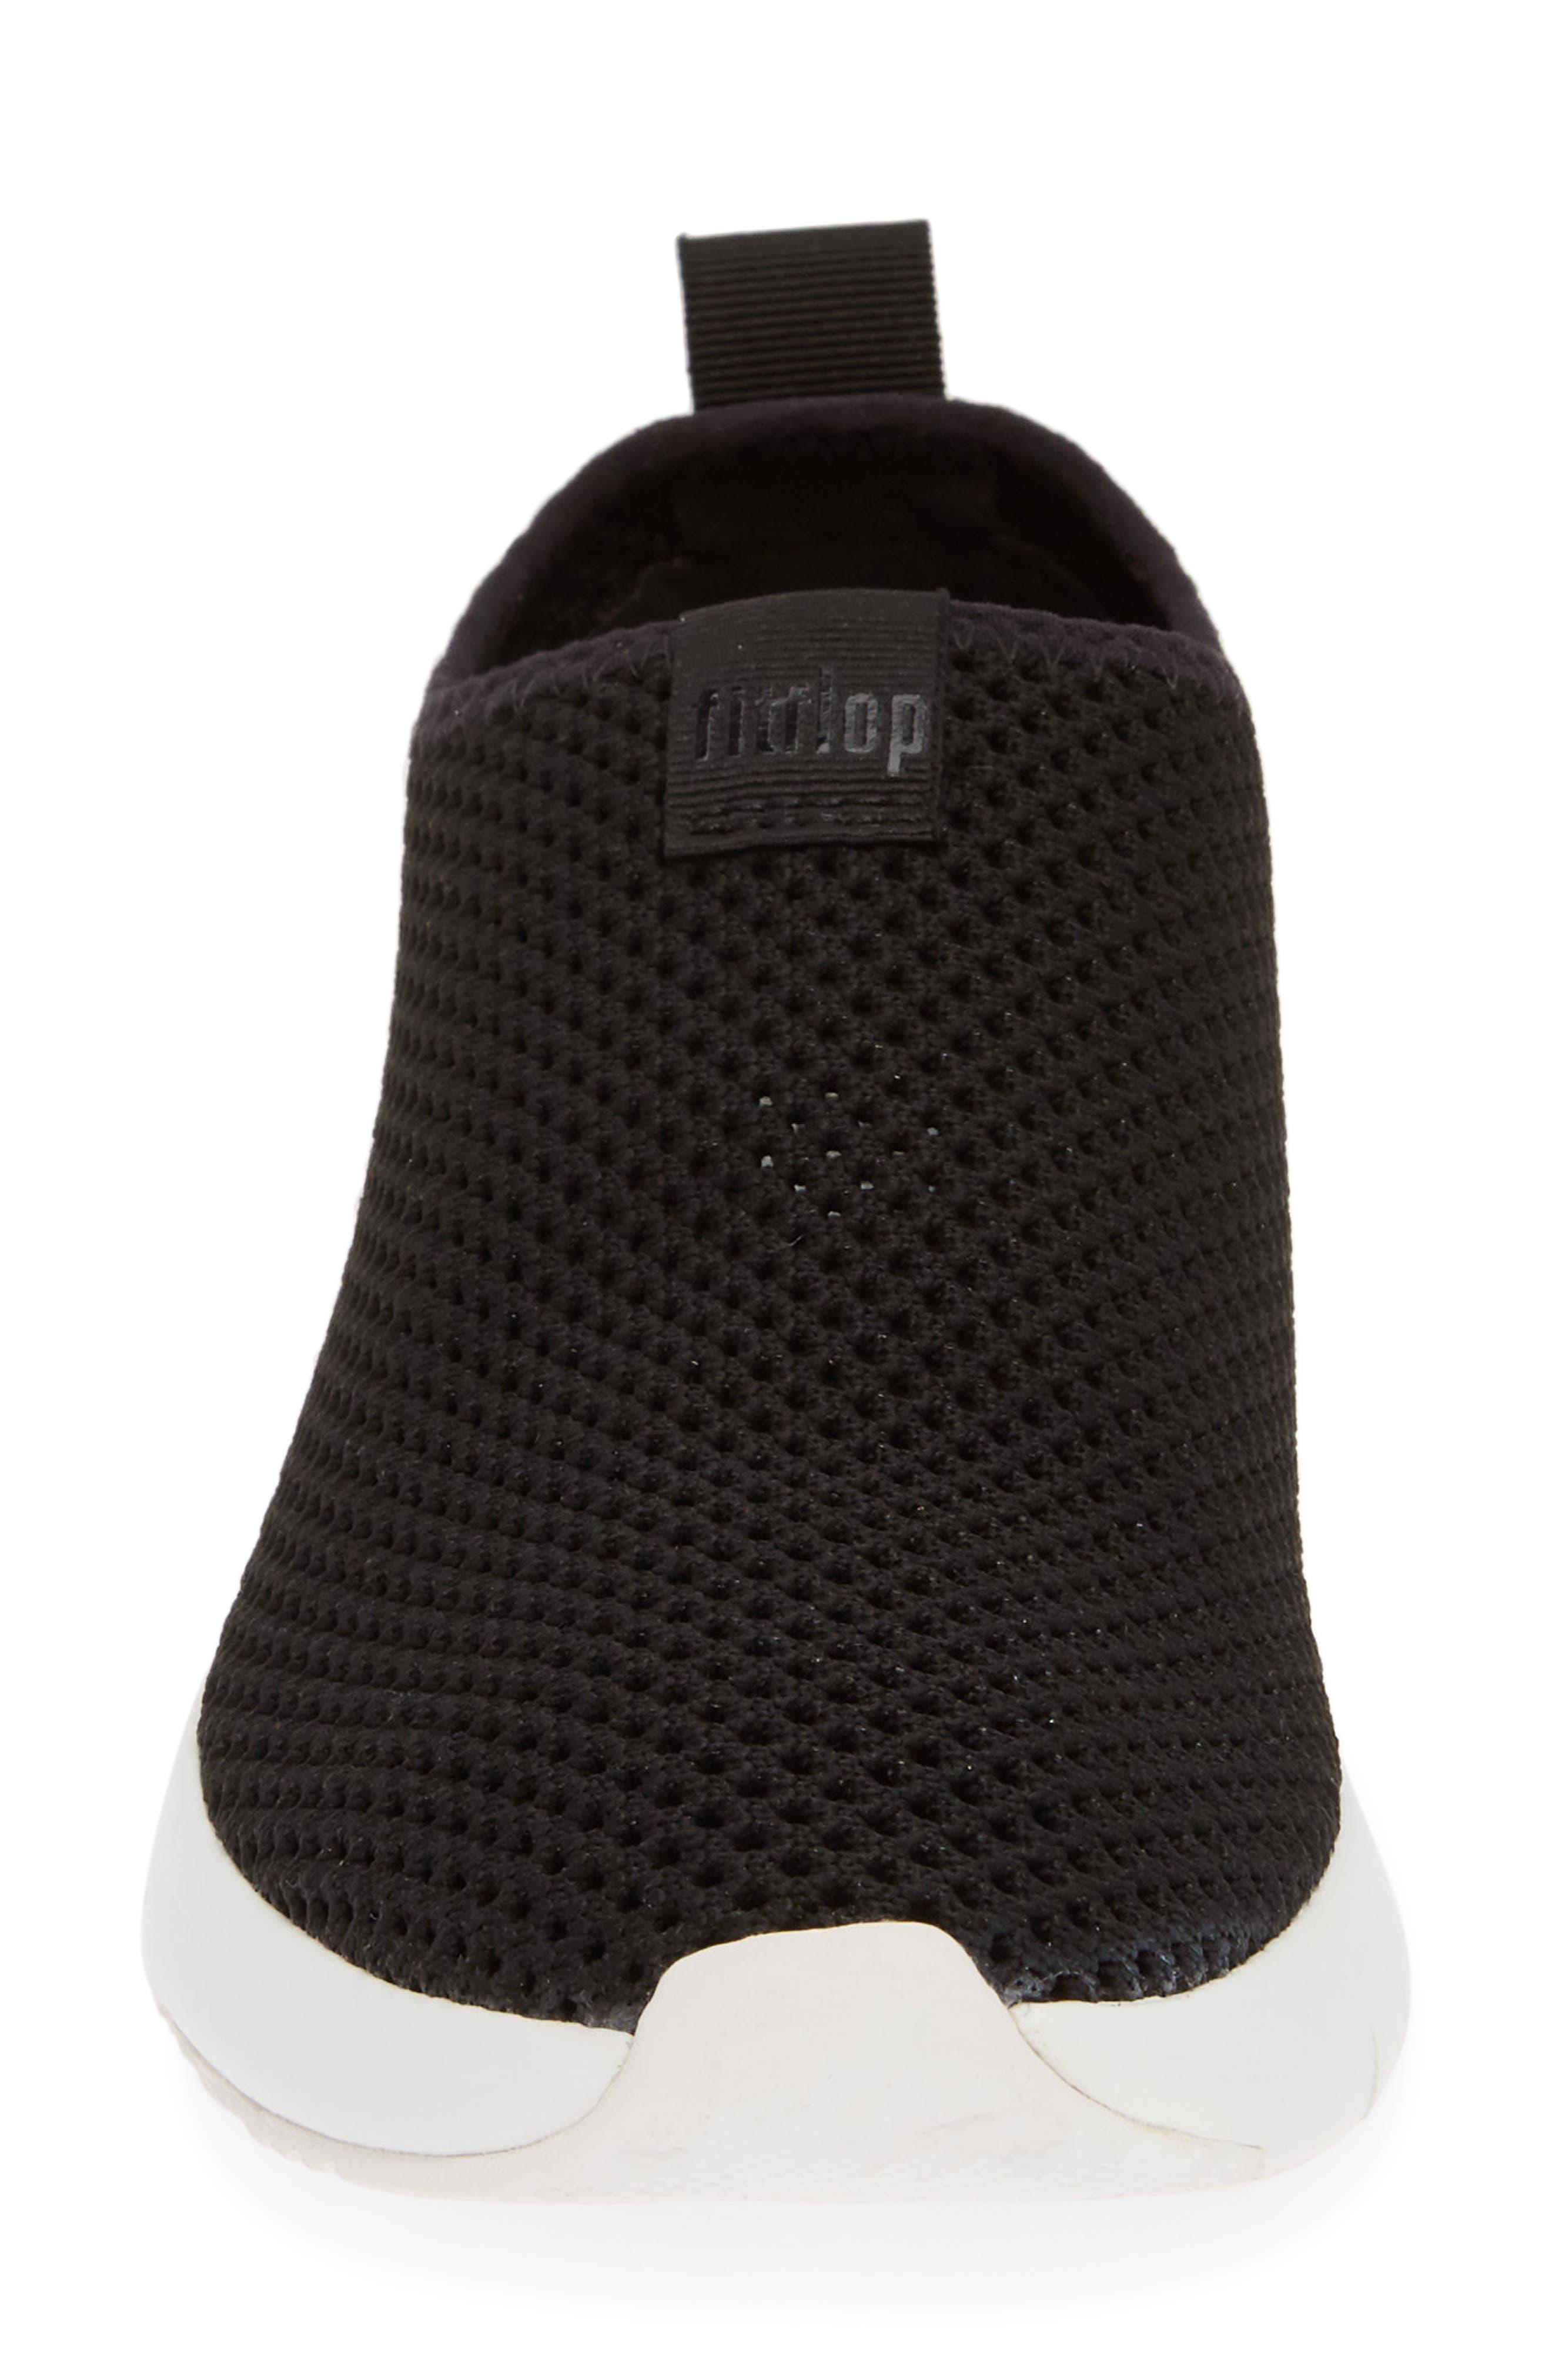 FITFLOP, Airmesh Slip-On Sneaker, Alternate thumbnail 4, color, BLACK